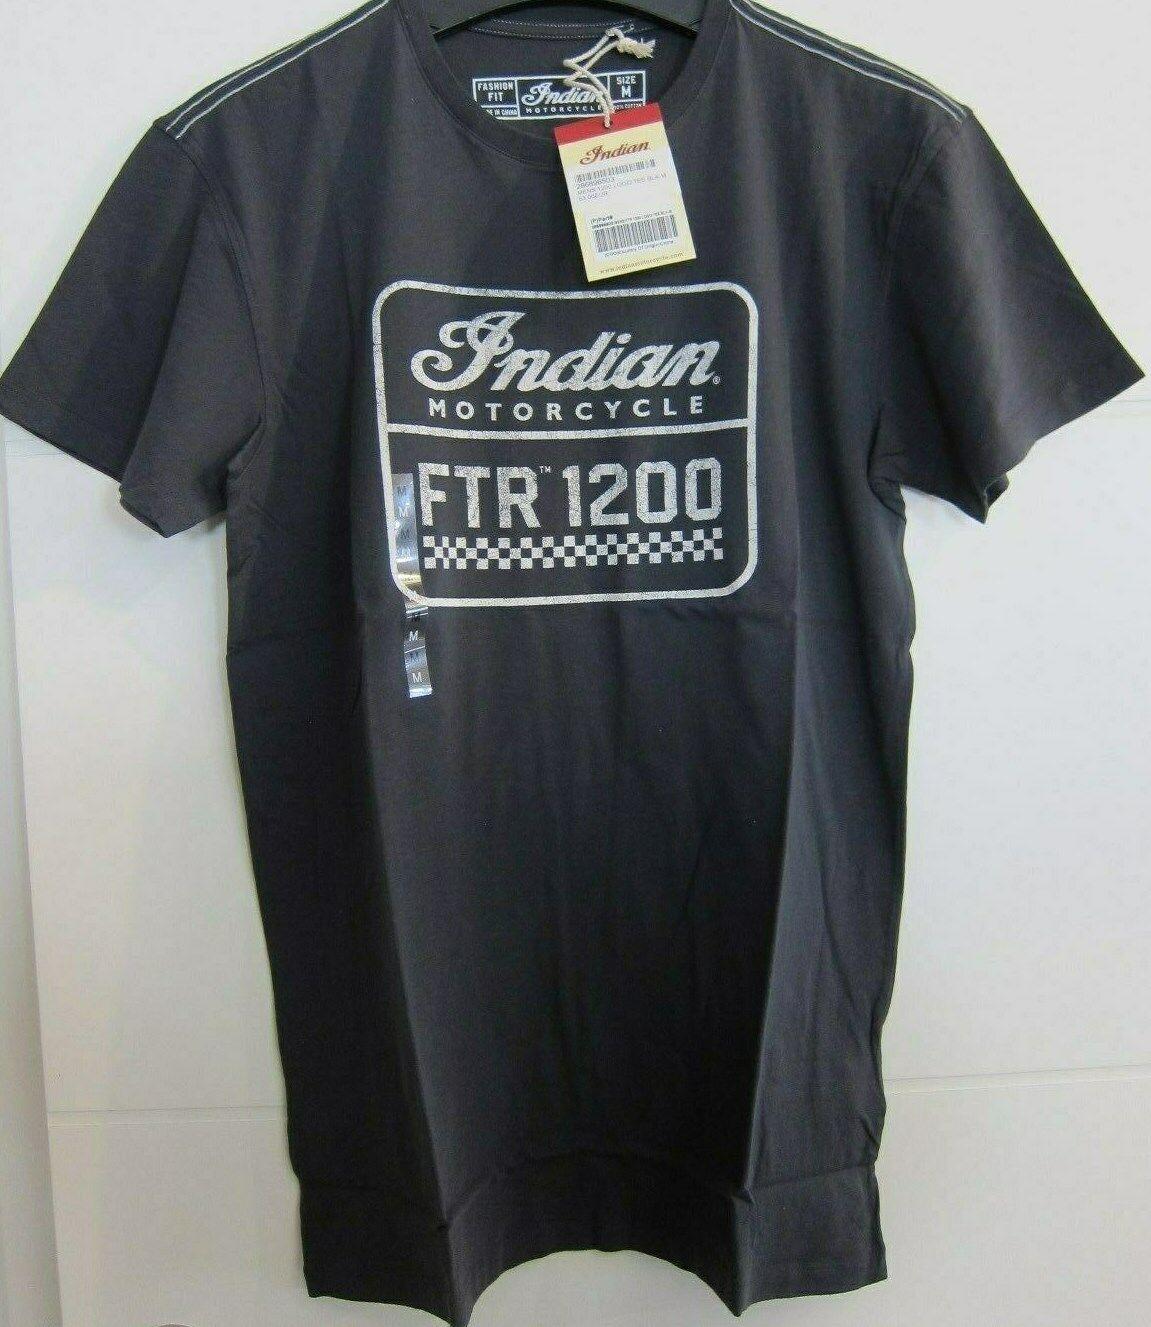 INDIAN Motorcycle Shirt T-Shirt grau Indian FTR FTR FTR 1200 NEU  286896503 Gr. S  | Attraktive Mode  617a4c